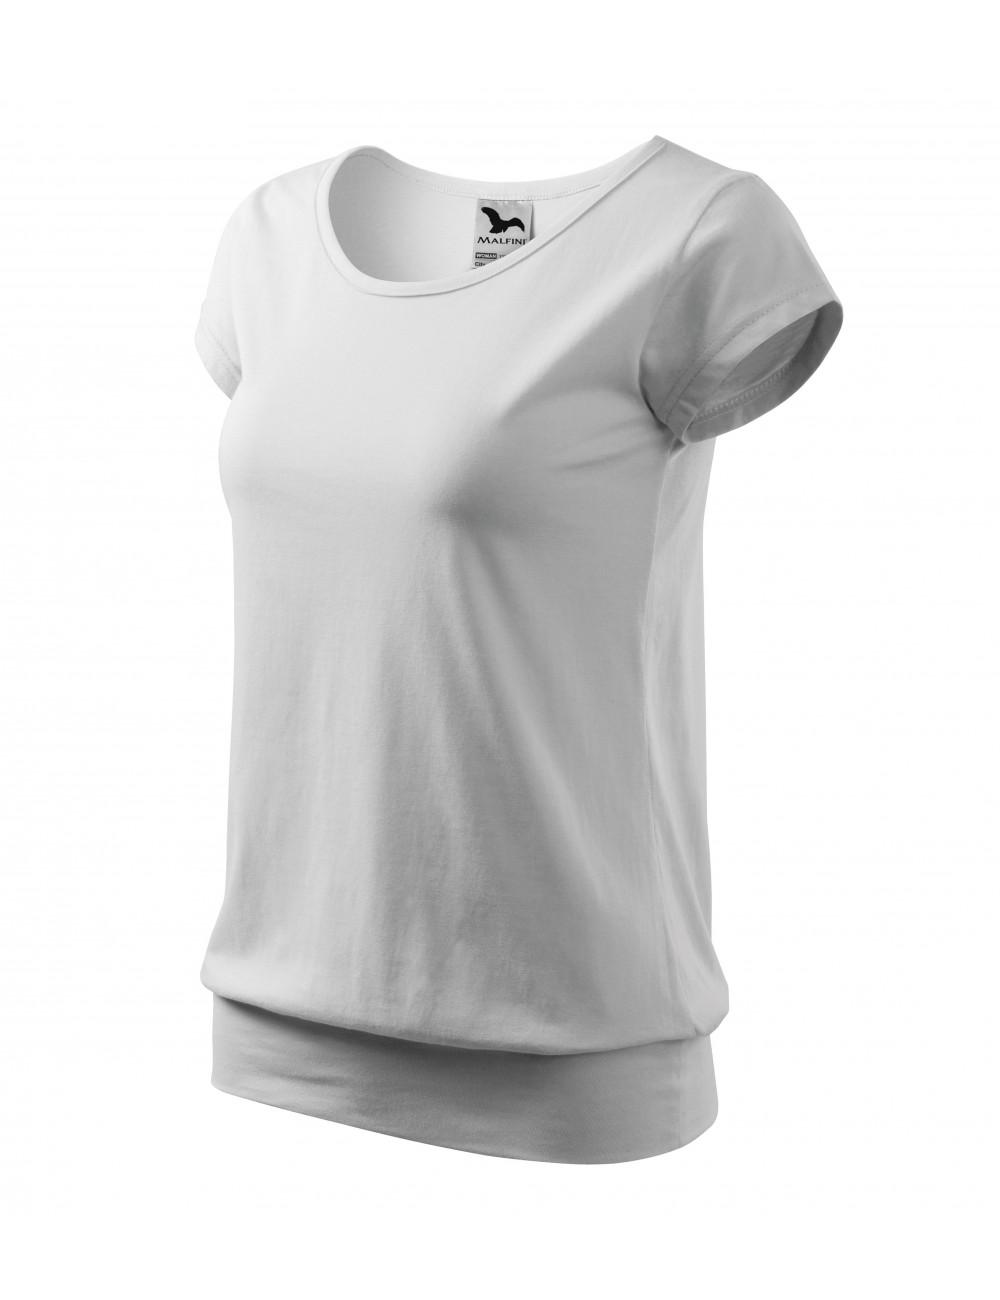 Adler MALFINI Koszulka damska City 120 biały